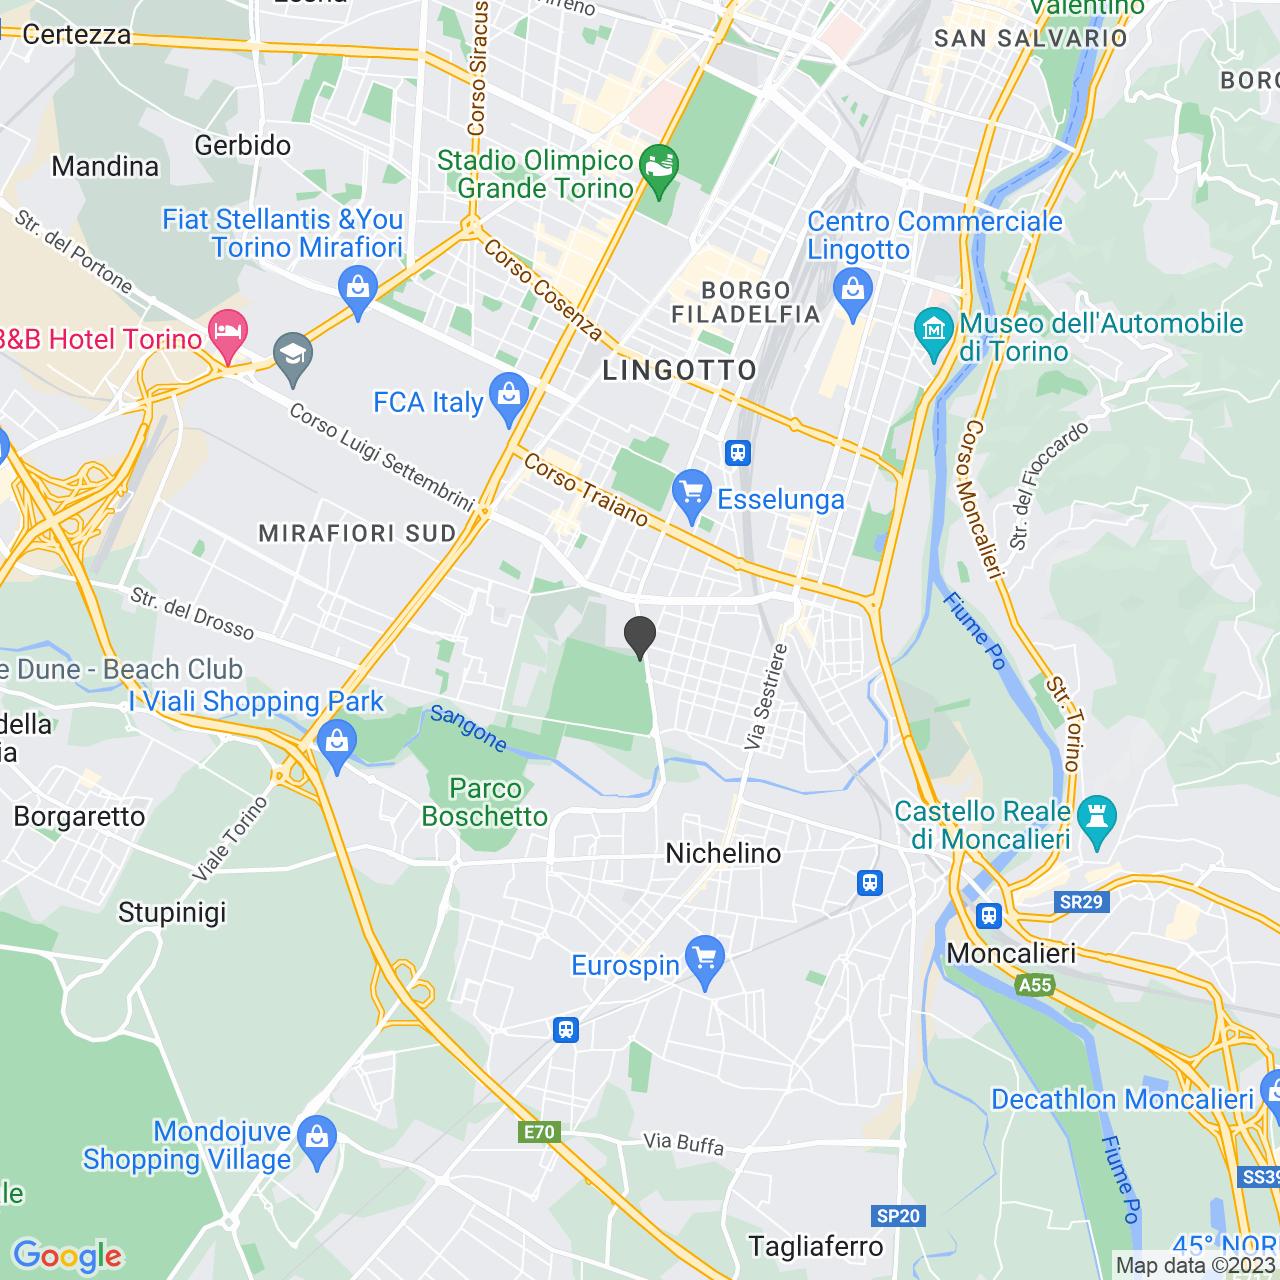 YOUTH BANK MIRAFIORI ASSOCIAZIONE DI VOLONTARIATO